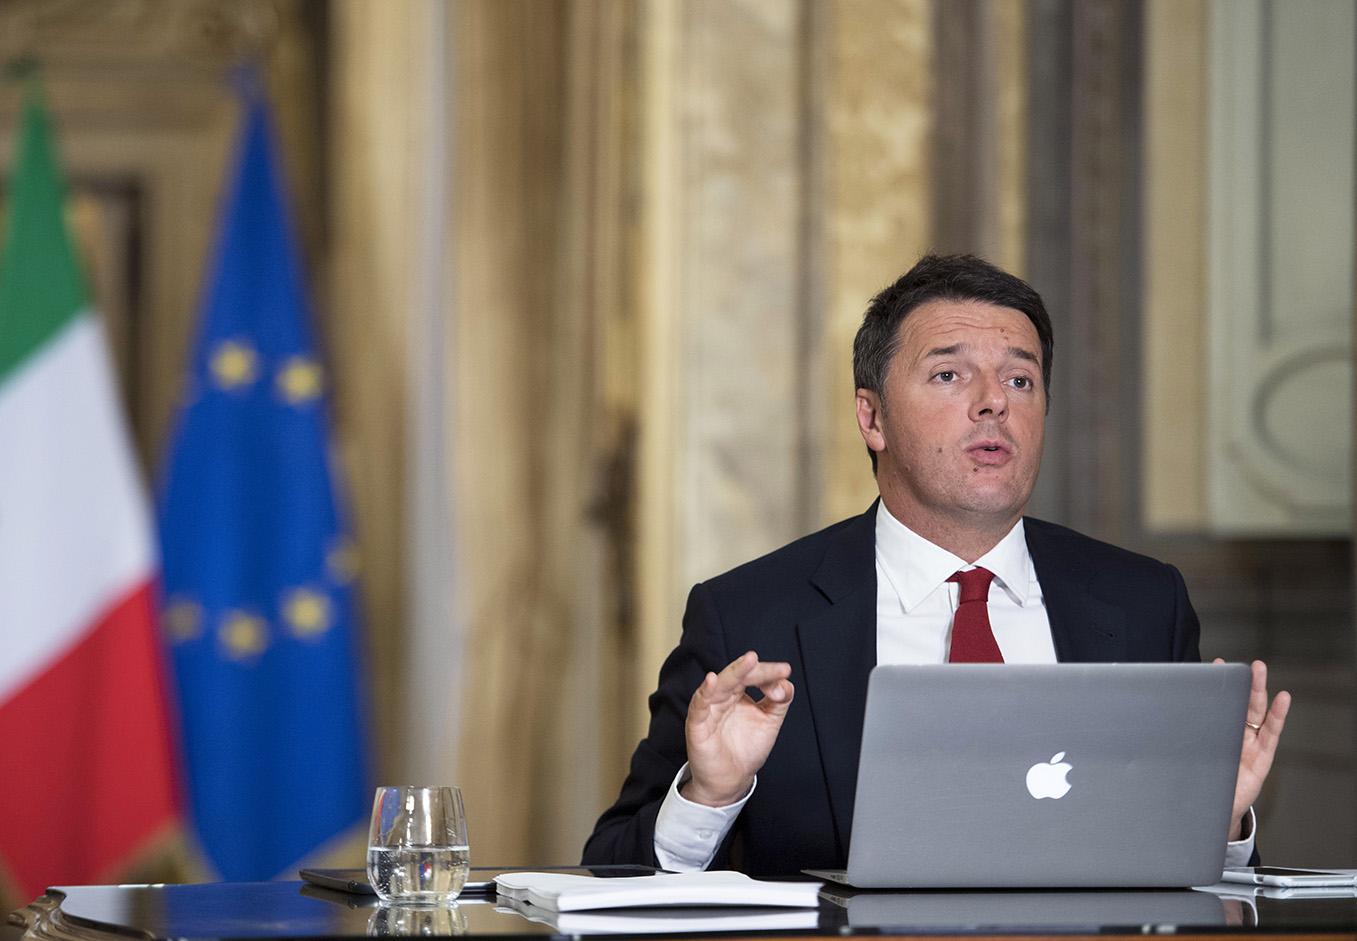 Matteo Renzi contesta a los ciudadanos en Twitter